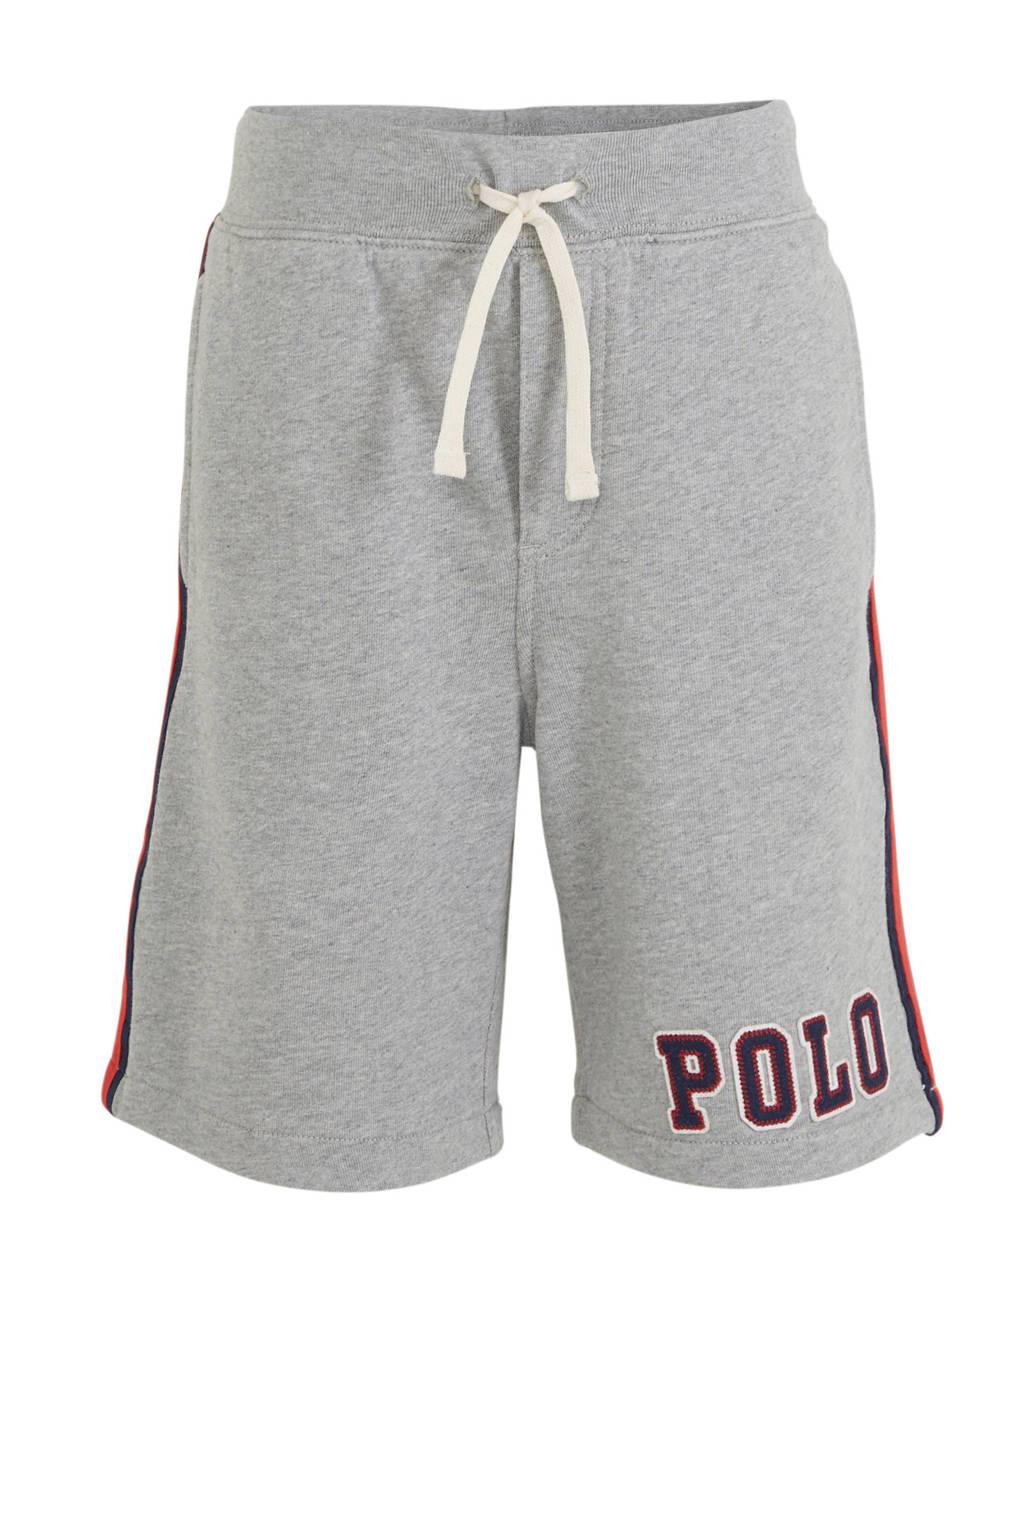 POLO Ralph Lauren sweatshort met zijstreep grijs/rood/donkerblauw, Grijs/rood/donkerblauw